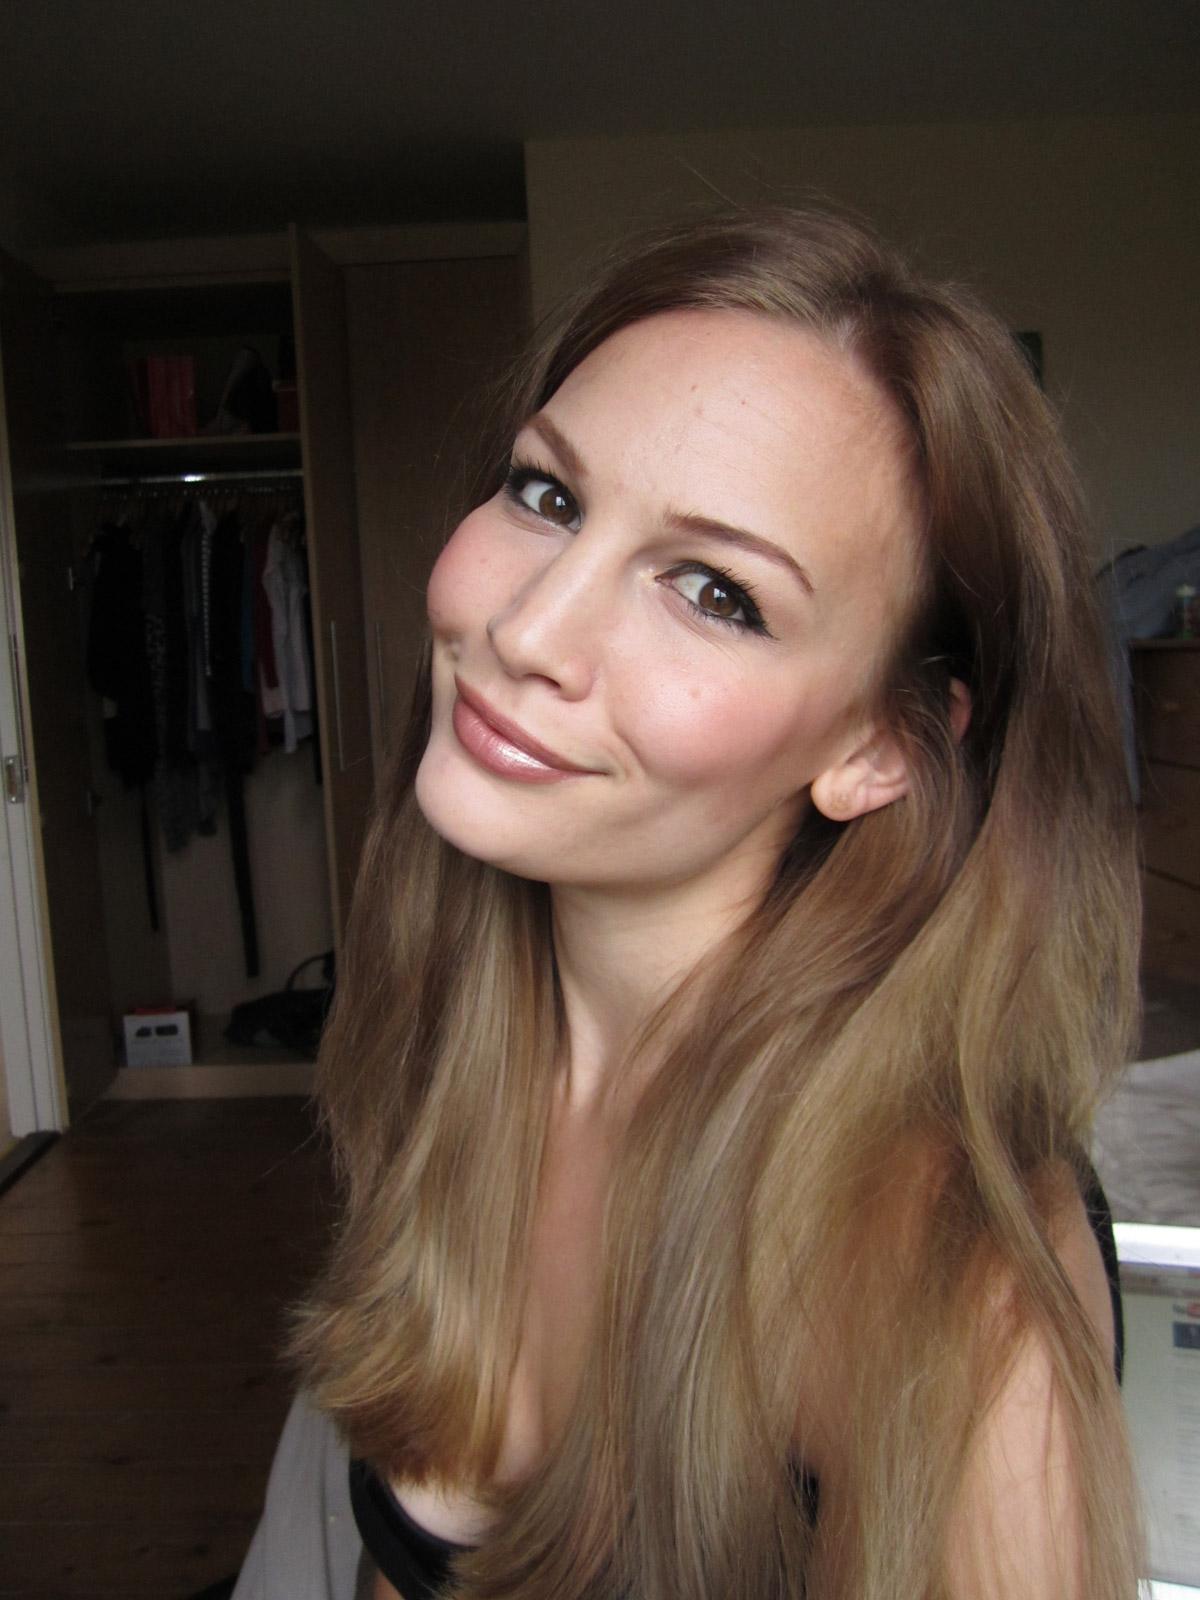 Anna Saccone: Style Saturday: New Hair! | Hair, New hair